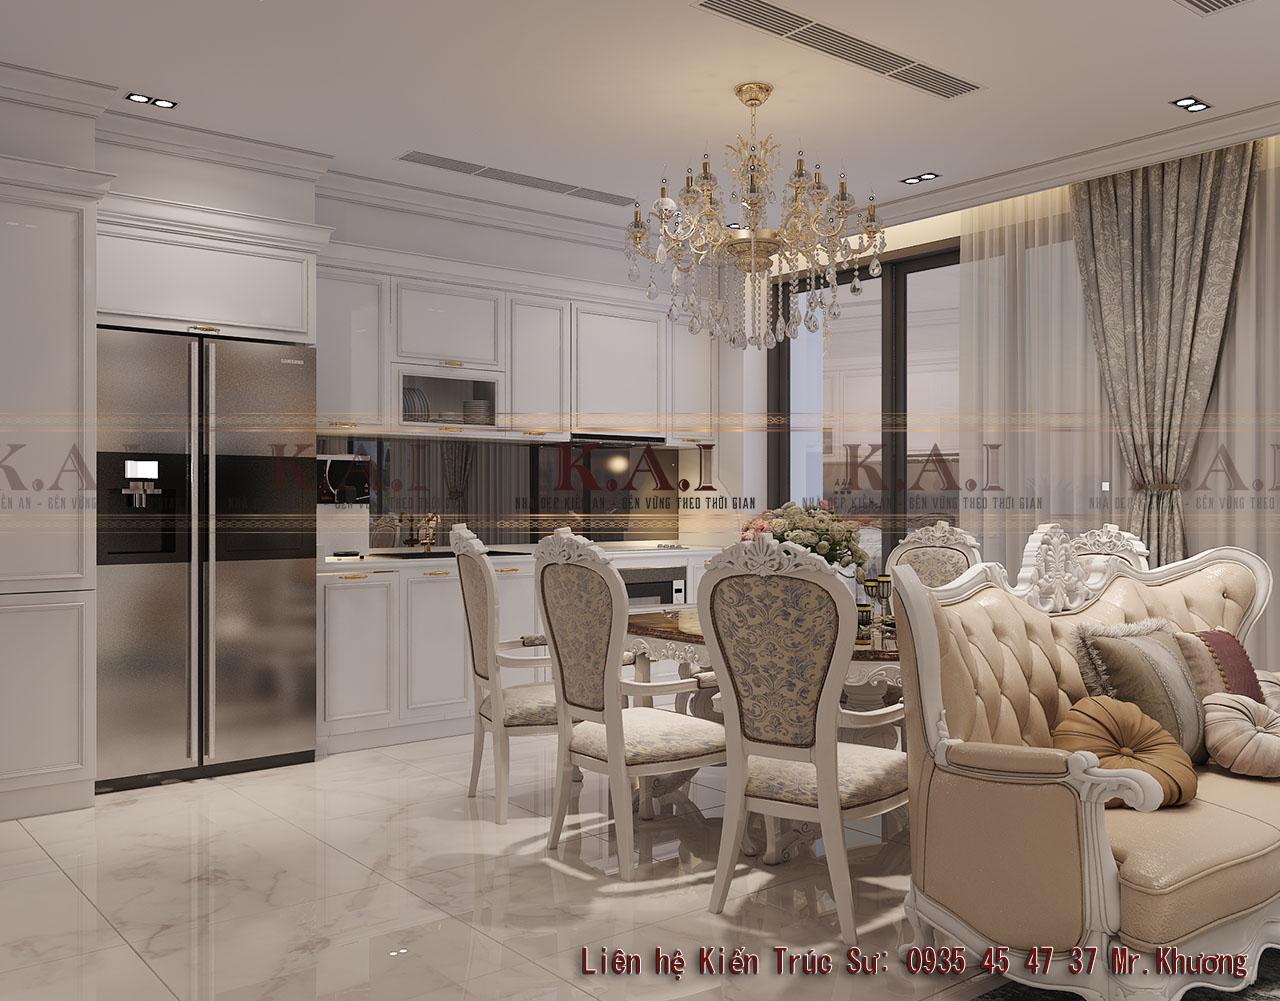 Tổng hợp mẫu thiết kế bếp chung cư đẹp và hiện đại nhất